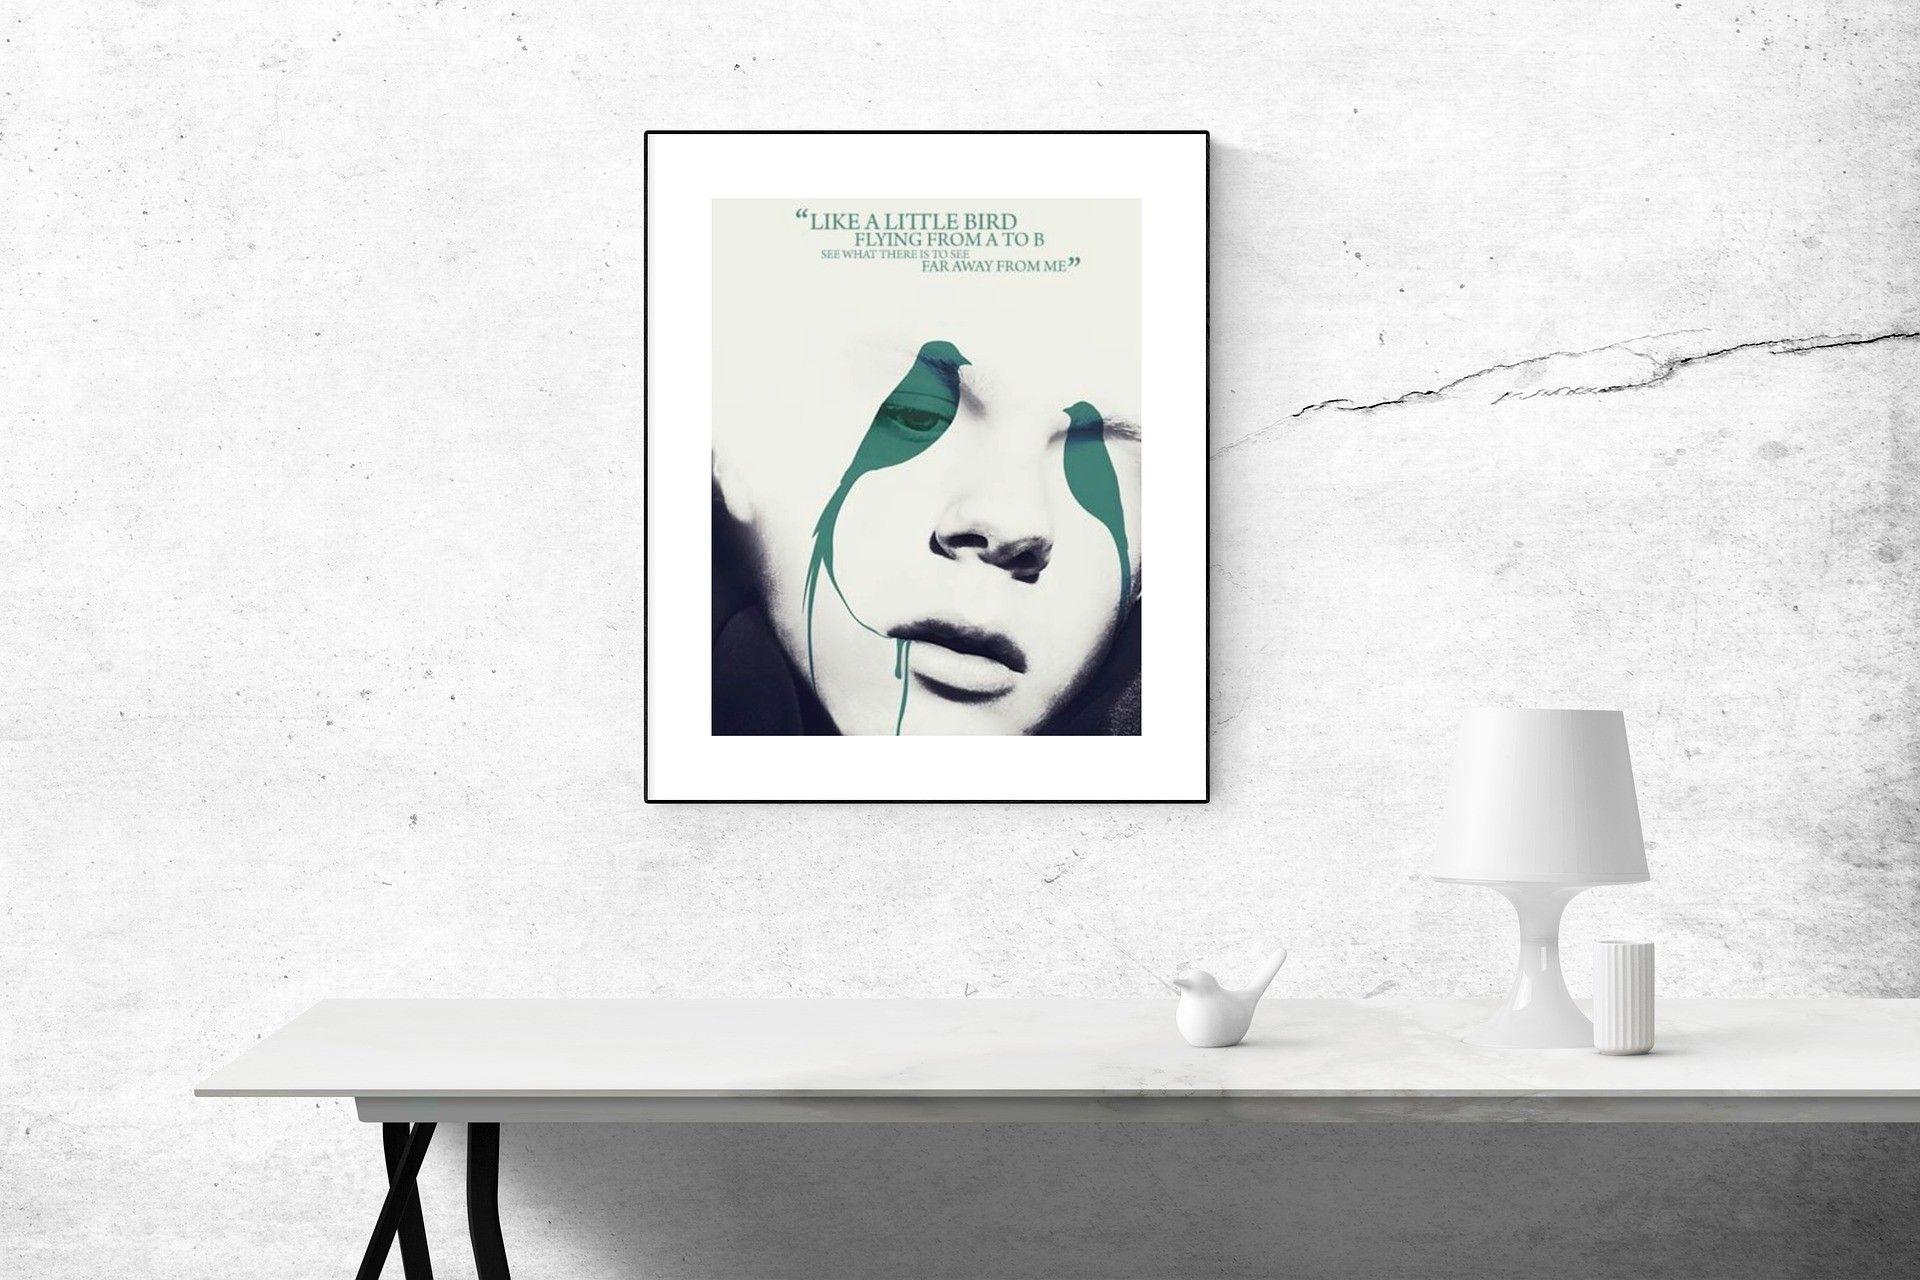 Poster Fotocenter Zarate Beste Qualität